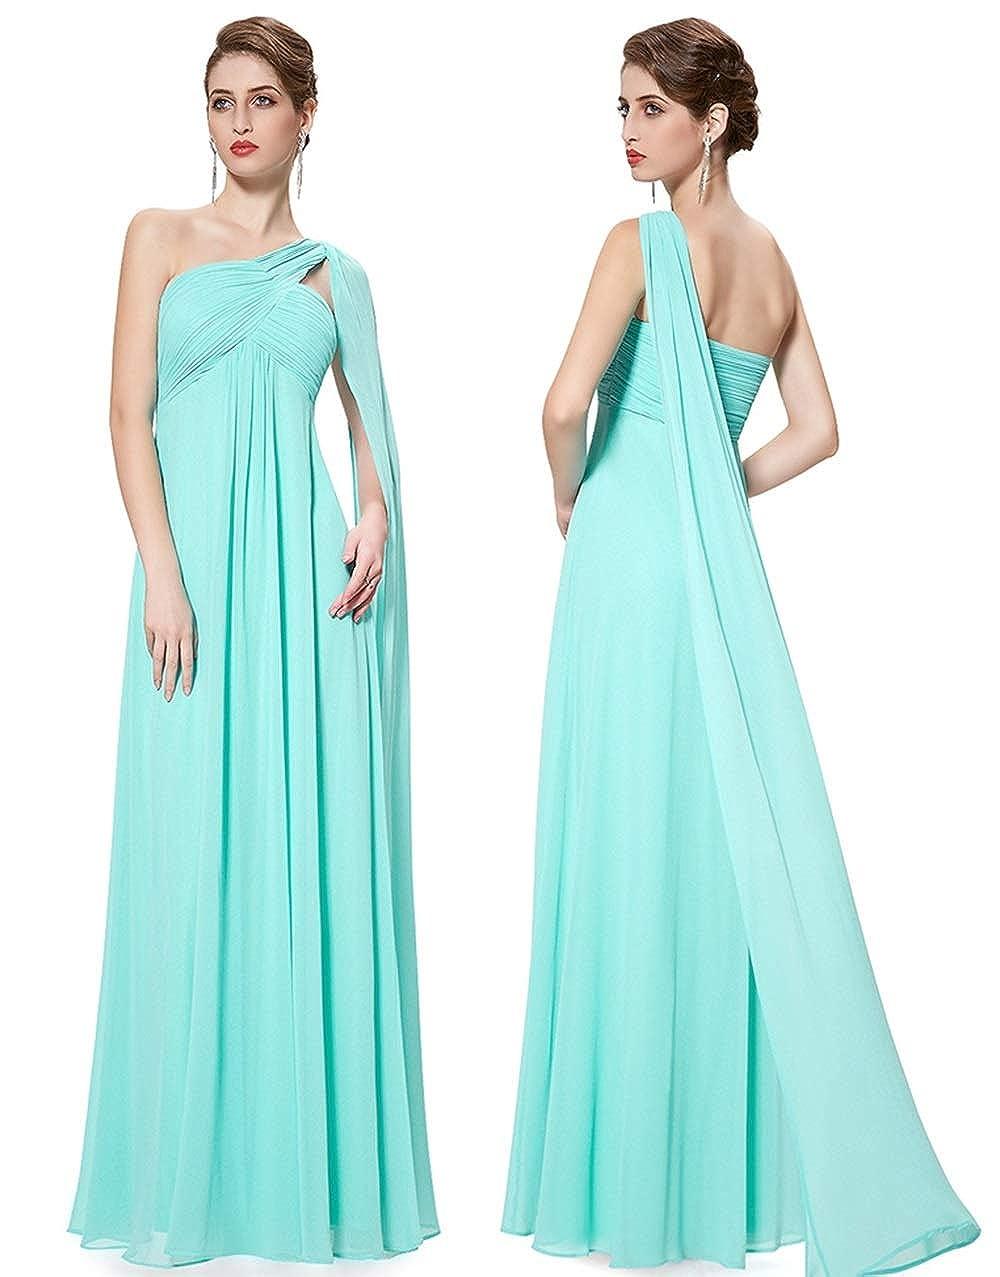 Mint vert 6XL NJU Belle Mousseline de Soie fraîche Jupe Longue Demoiselle d'honneur Soeur Jupe Robe de soirée de Grande Taille